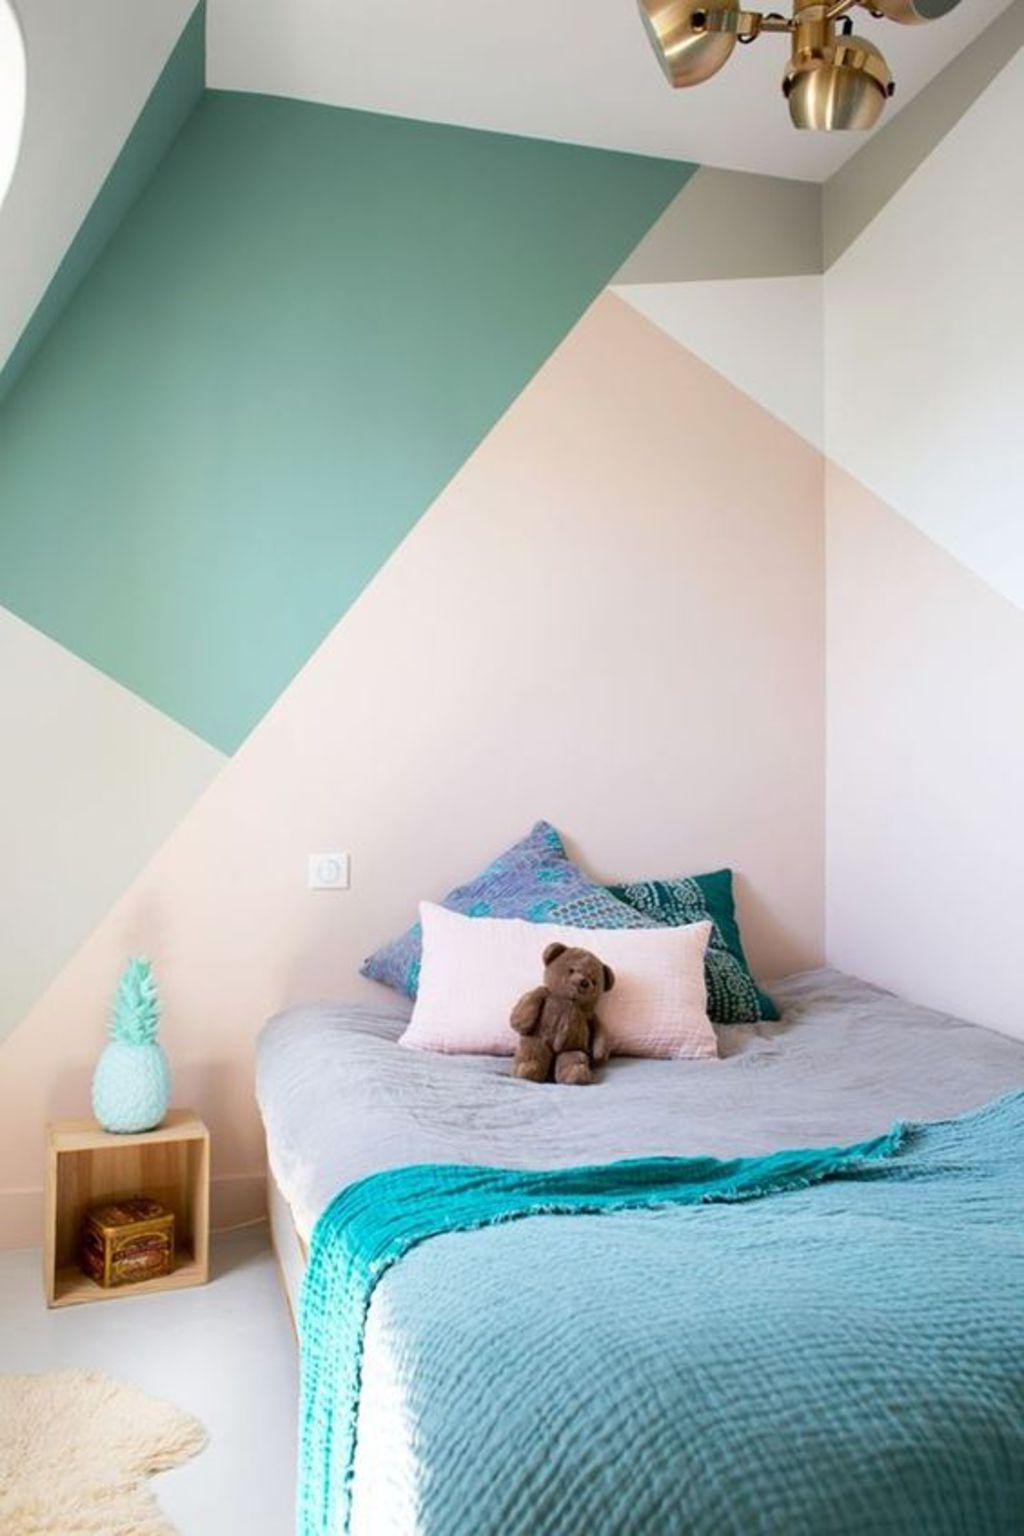 Decoración de interiores - paredes con formas geométricas